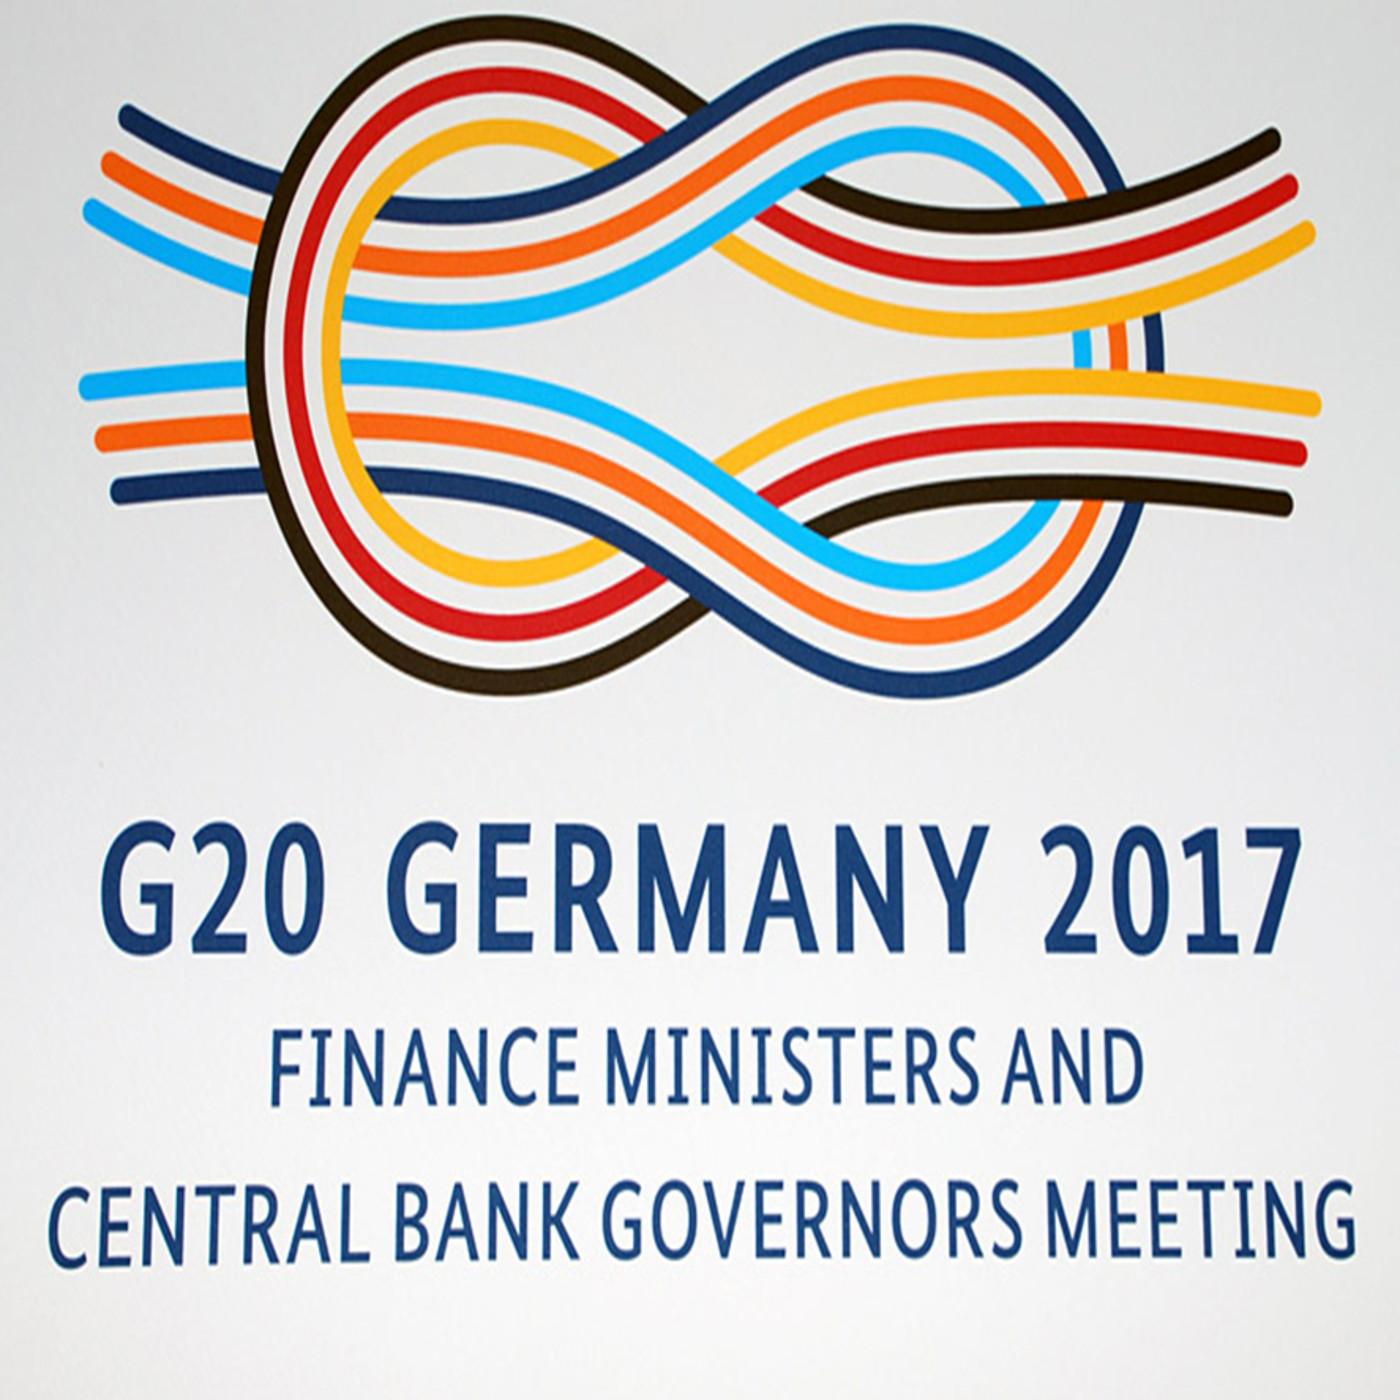 La pr xima partida geopol tica del g20 comienza en baden for Jaime garrido cuarto milenio